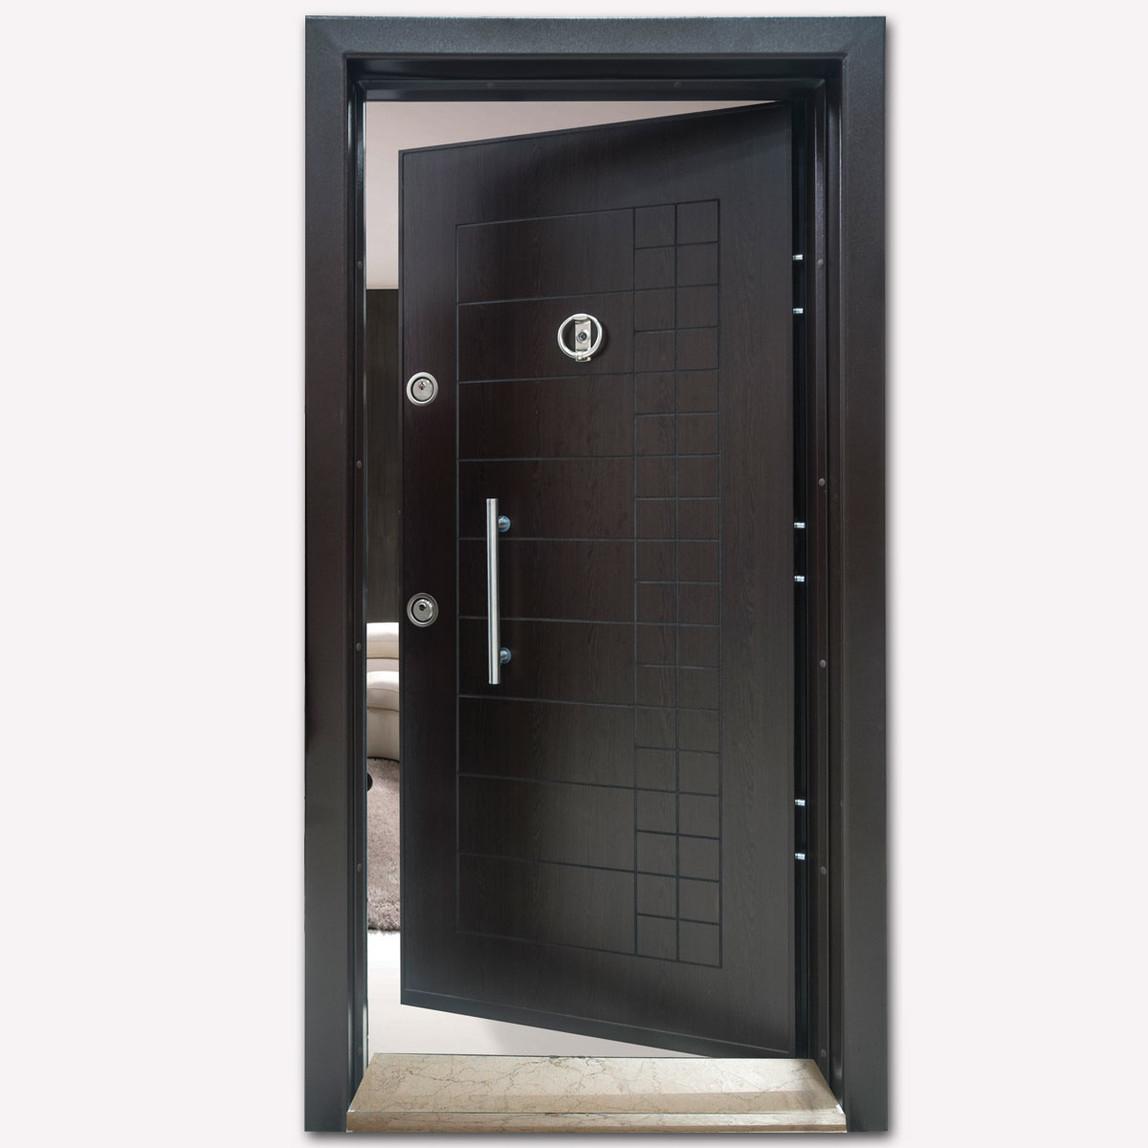 Yakut Serisi Çelik Kapı Sağ